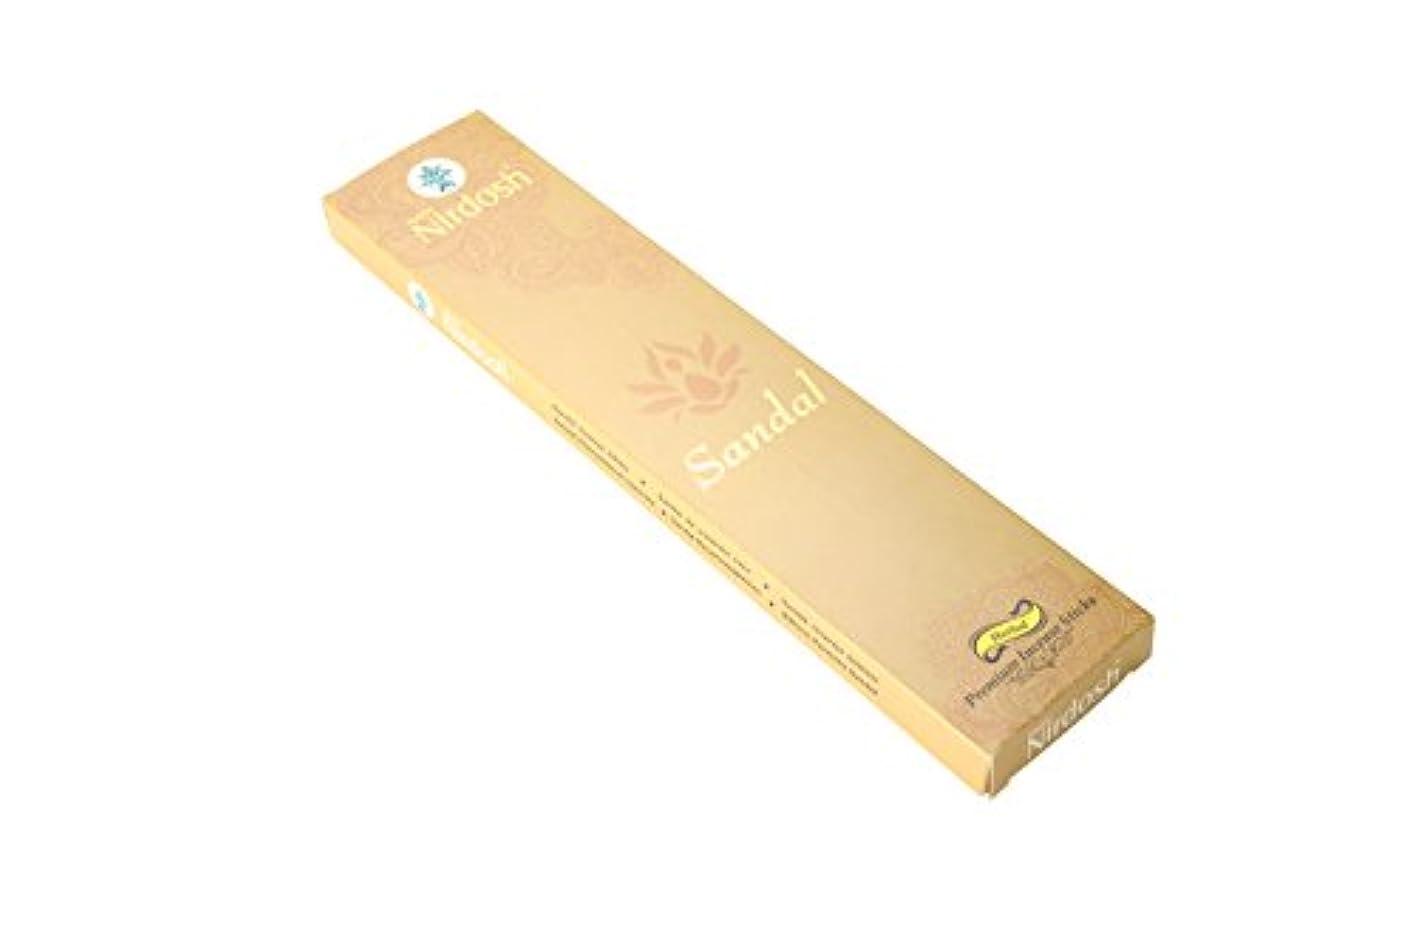 分泌するアルミニウム施しNirdosh Premium Herbal Incense Sticks – Naturalサンダル味100 g。12インチLong ( Pack of 2 ) with 1 Free木製お香ホルダー